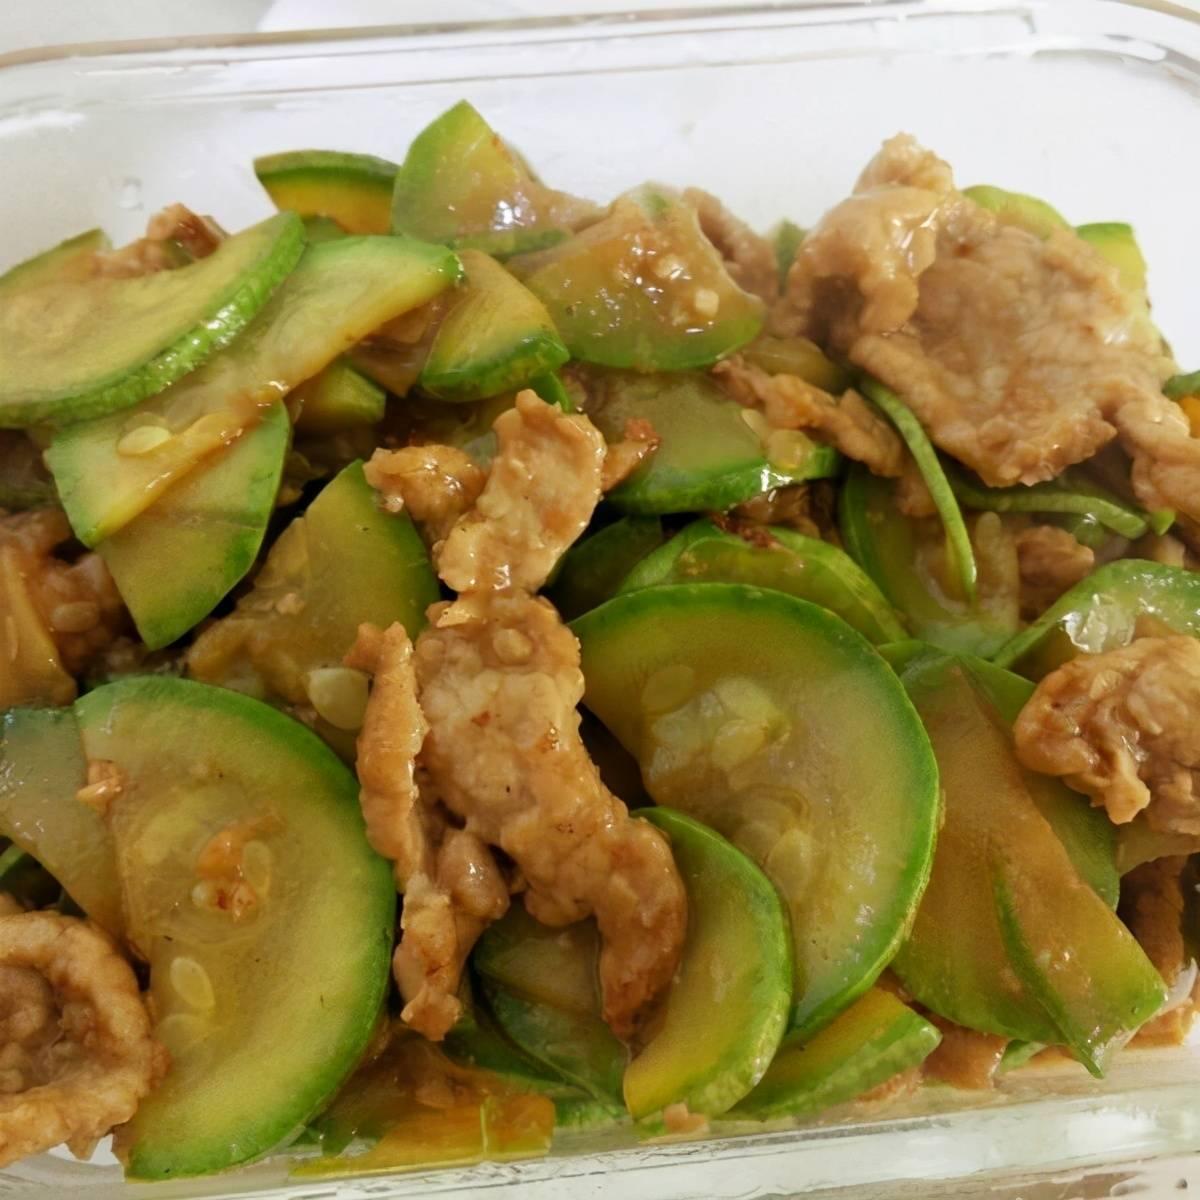 18款精选佳肴分享,家常食材简单烹饪,保留原味越吃越健康